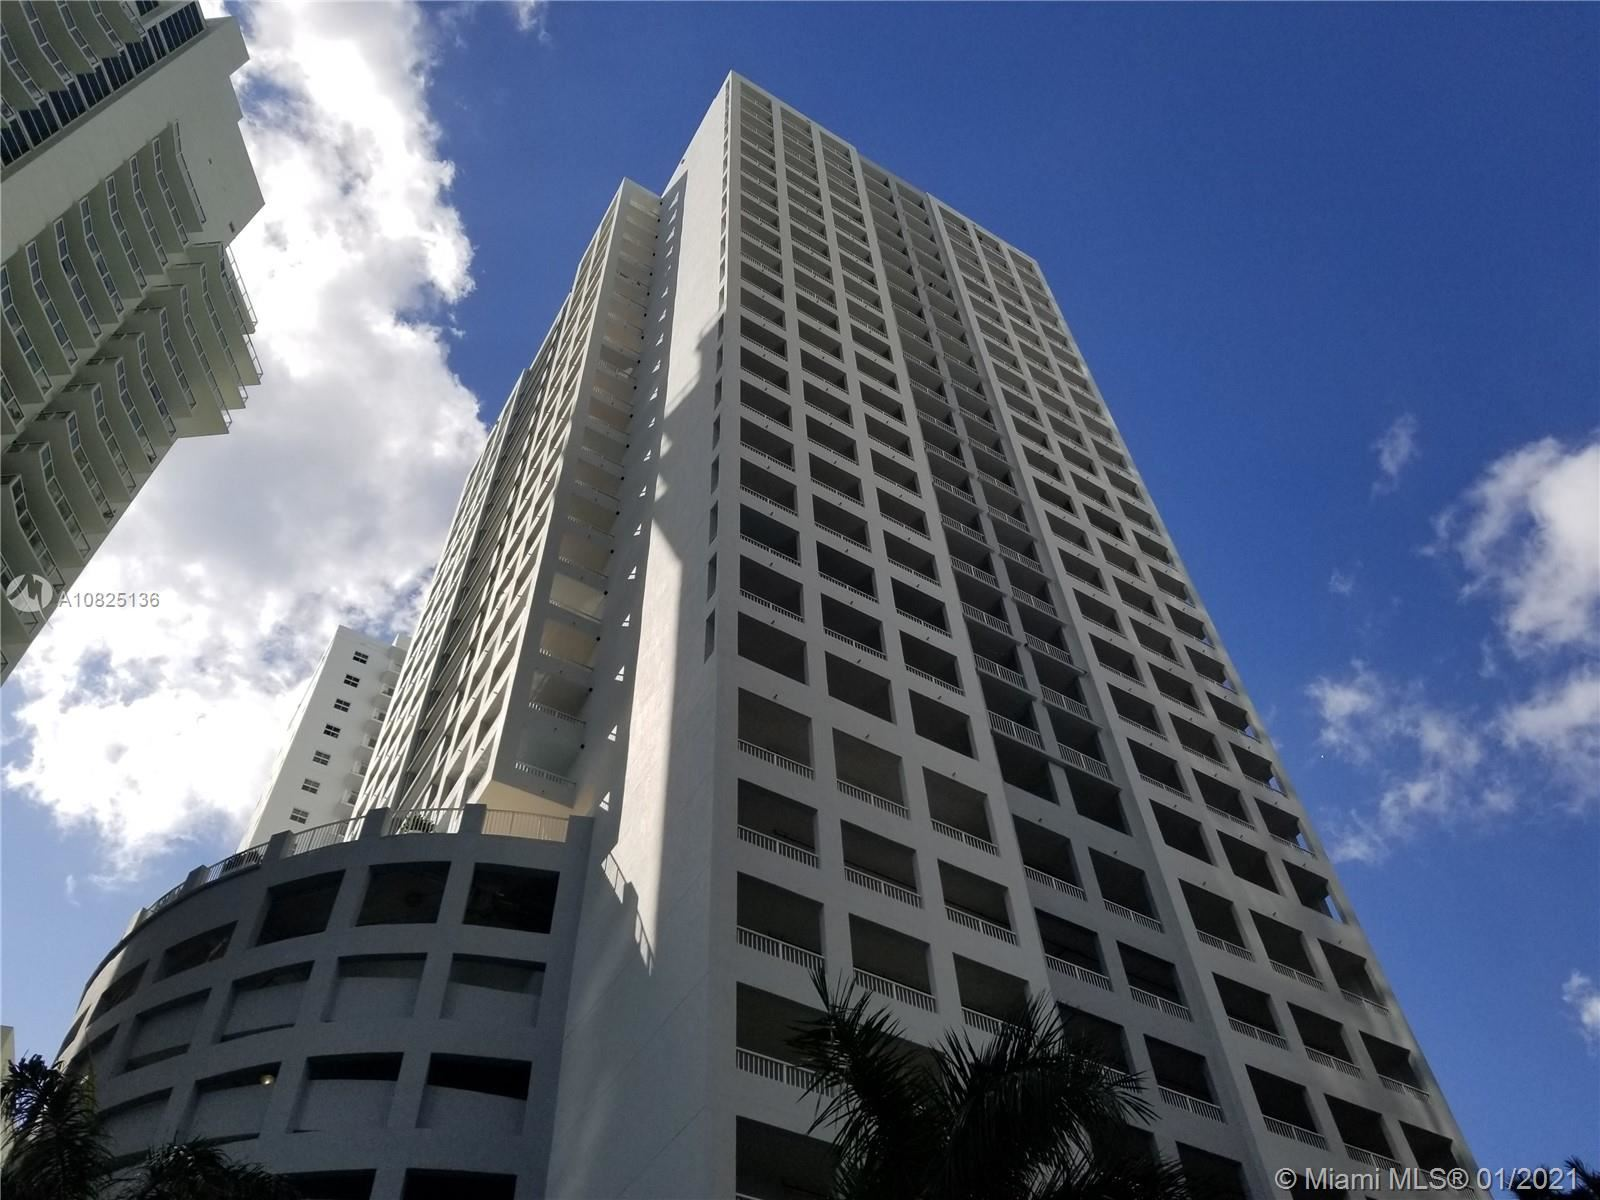 170 SE 14th St #1407, Miami, FL 33131 - #: A10825136